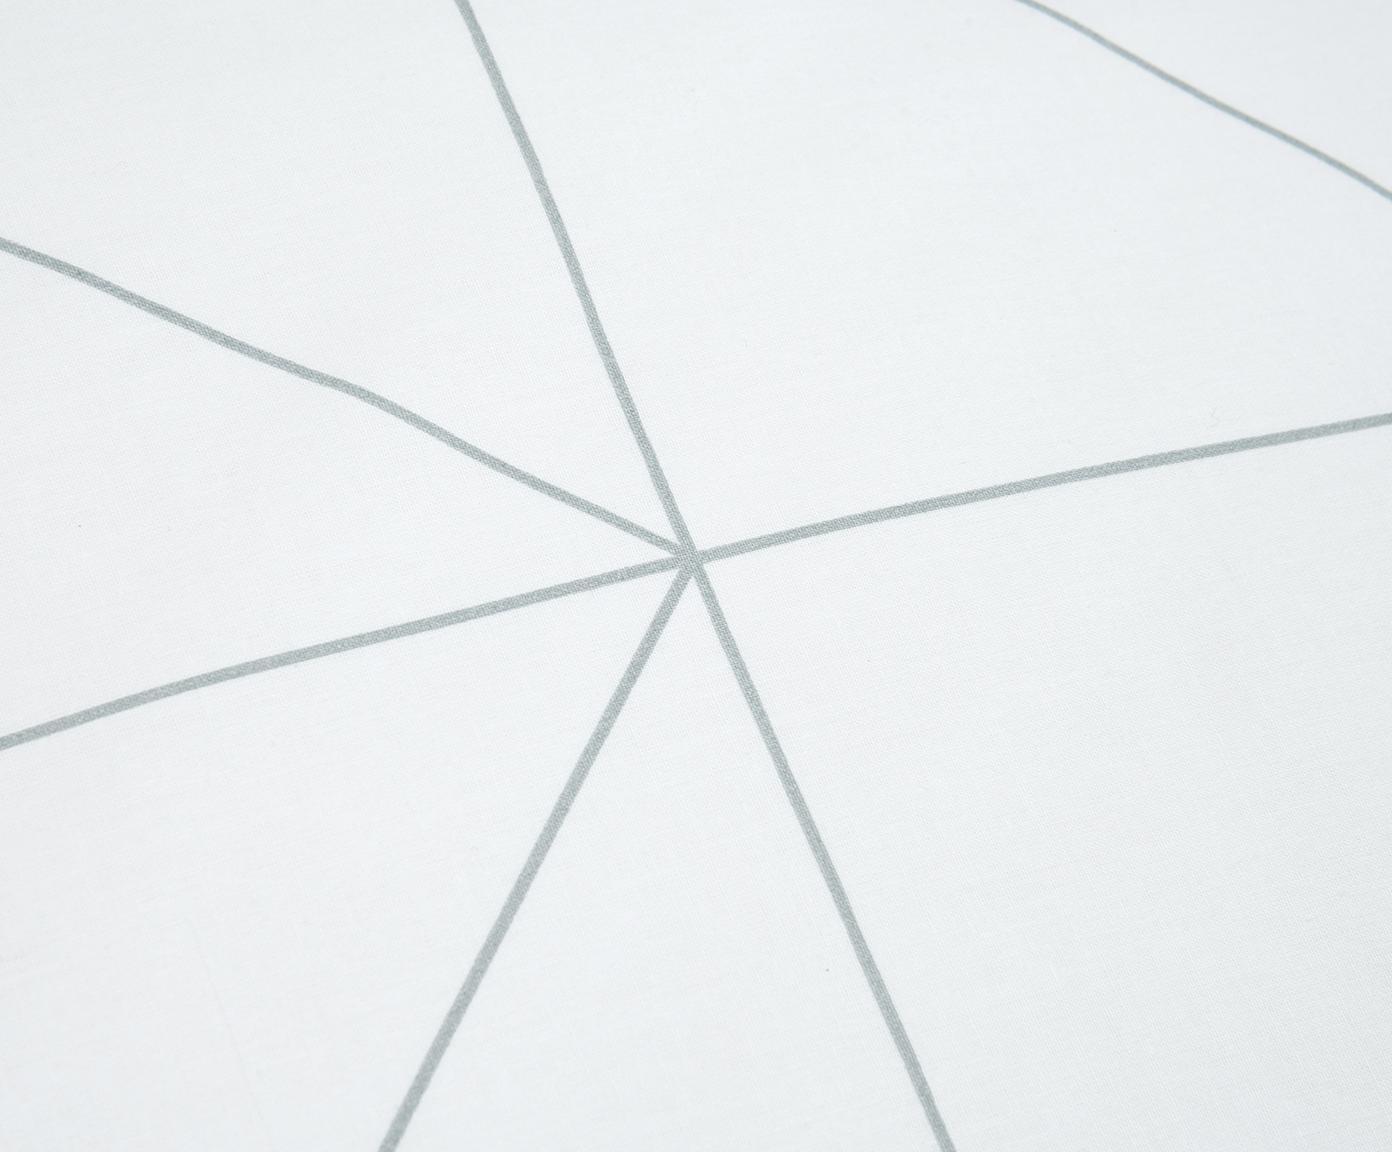 Dwustronna pościel z bawełny renforcé Marla, Szary, biały, 155 x 220 cm